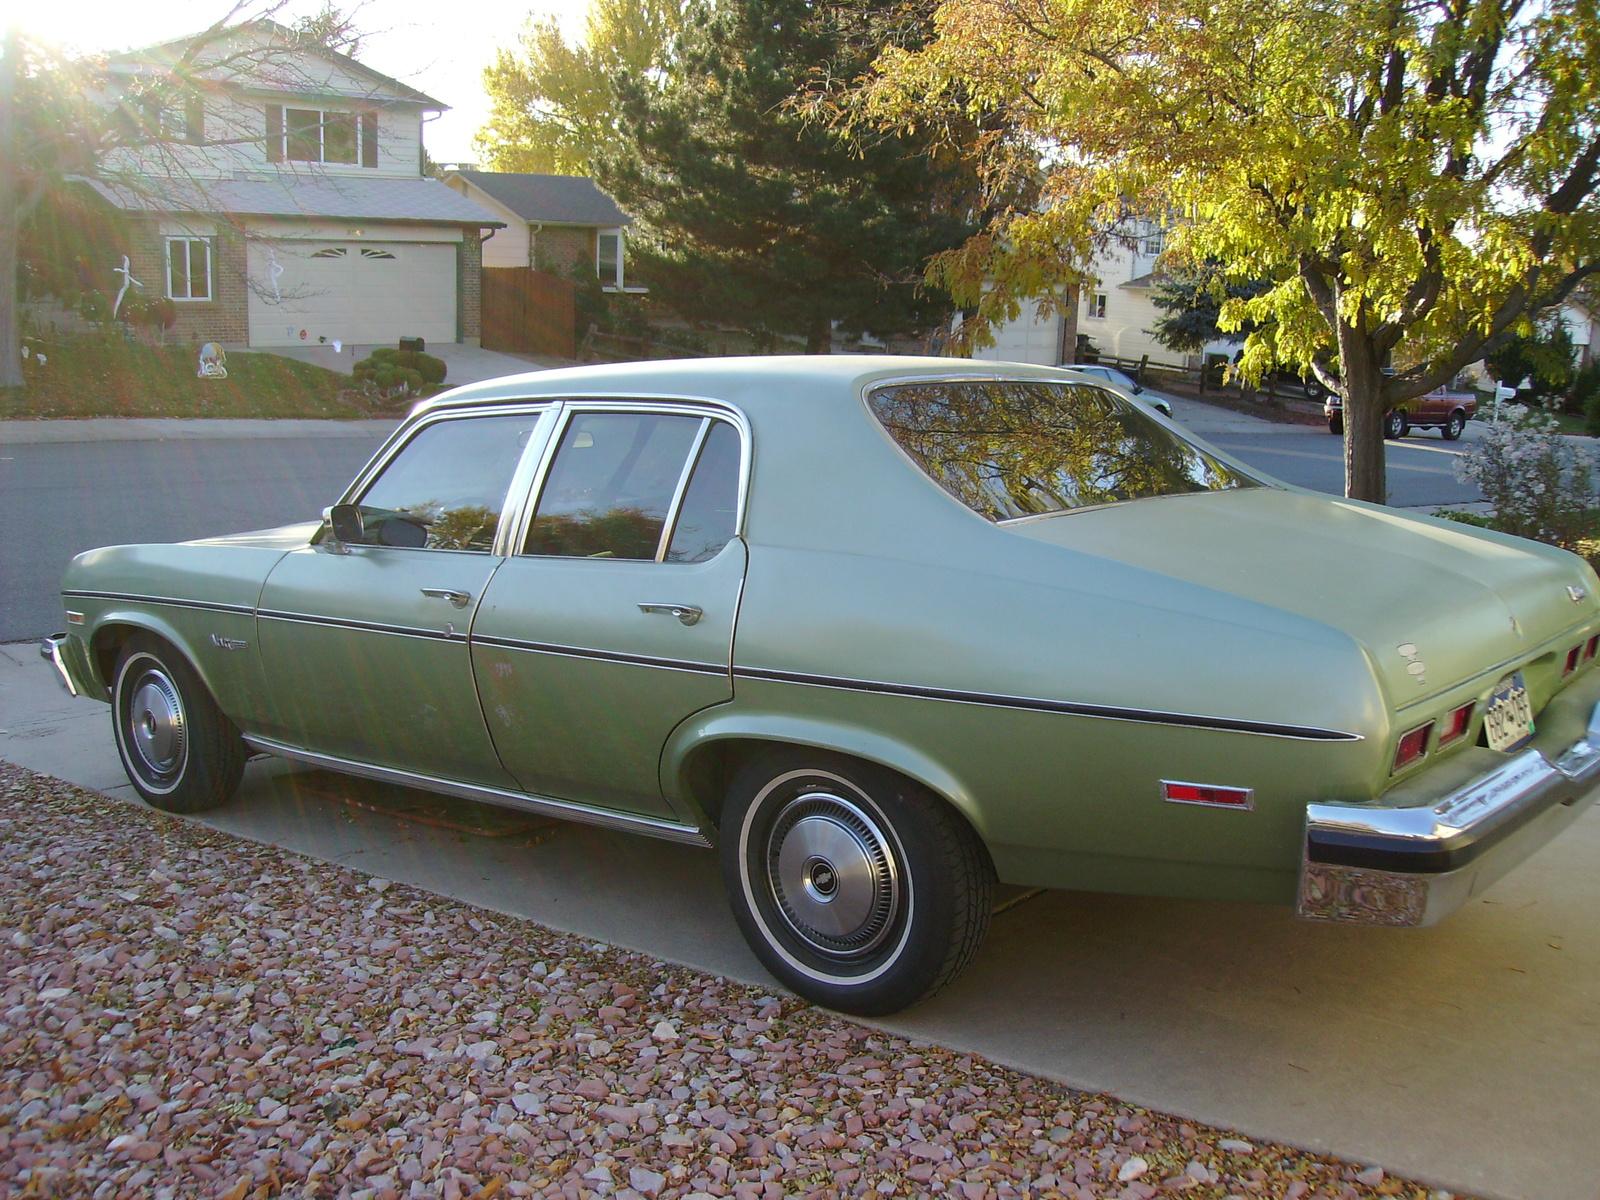 1974 Chevrolet Nova Pictures Cargurus